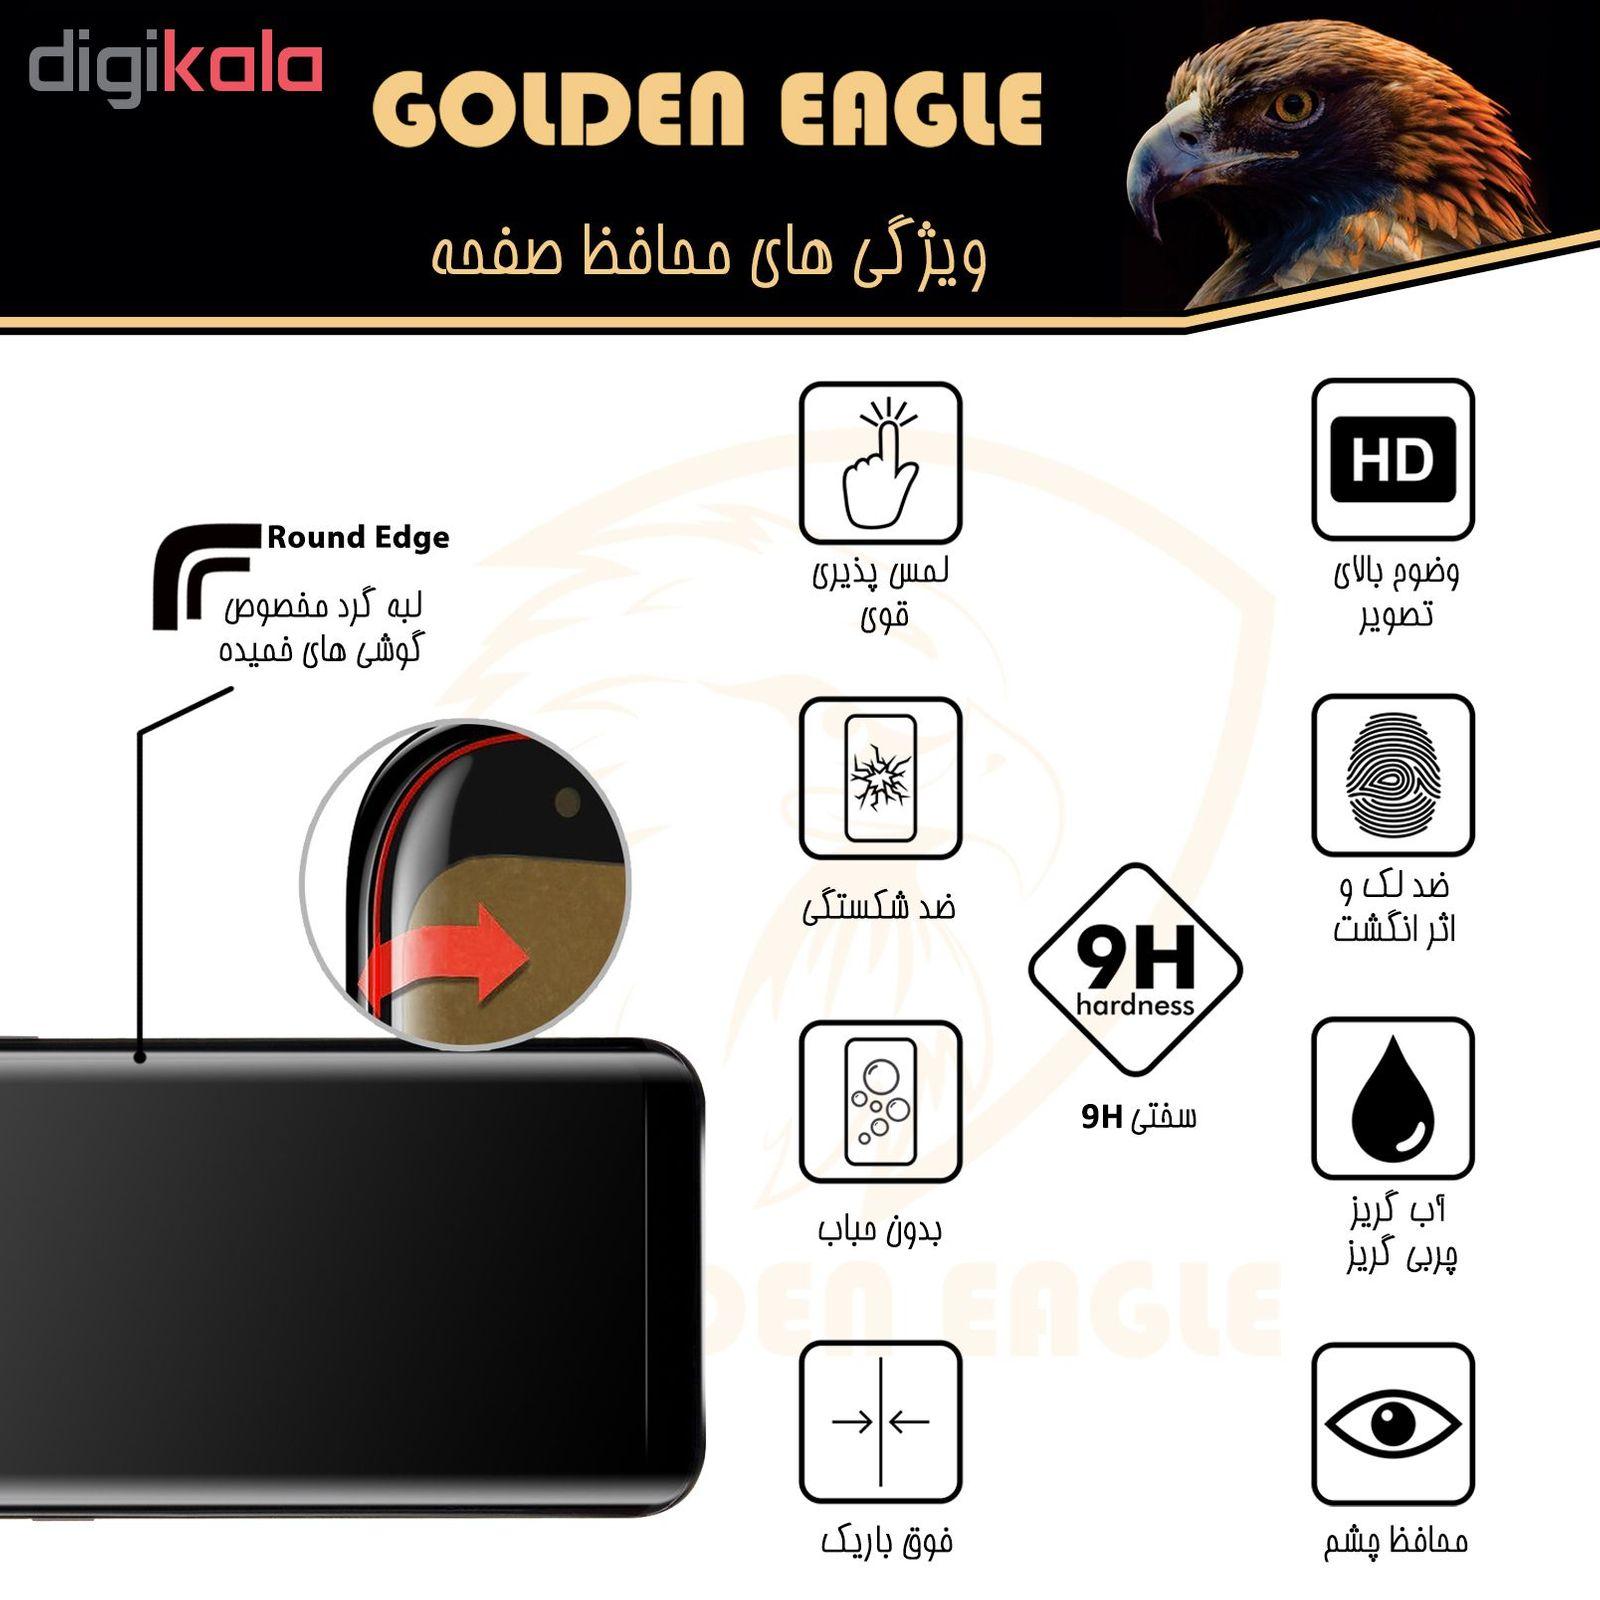 محافظ صفحه نمایش گلدن ایگل مدل DFC-X3 مناسب برای گوشی موبایل سامسونگ Galaxy Note 9 بسته سه عددی main 1 3